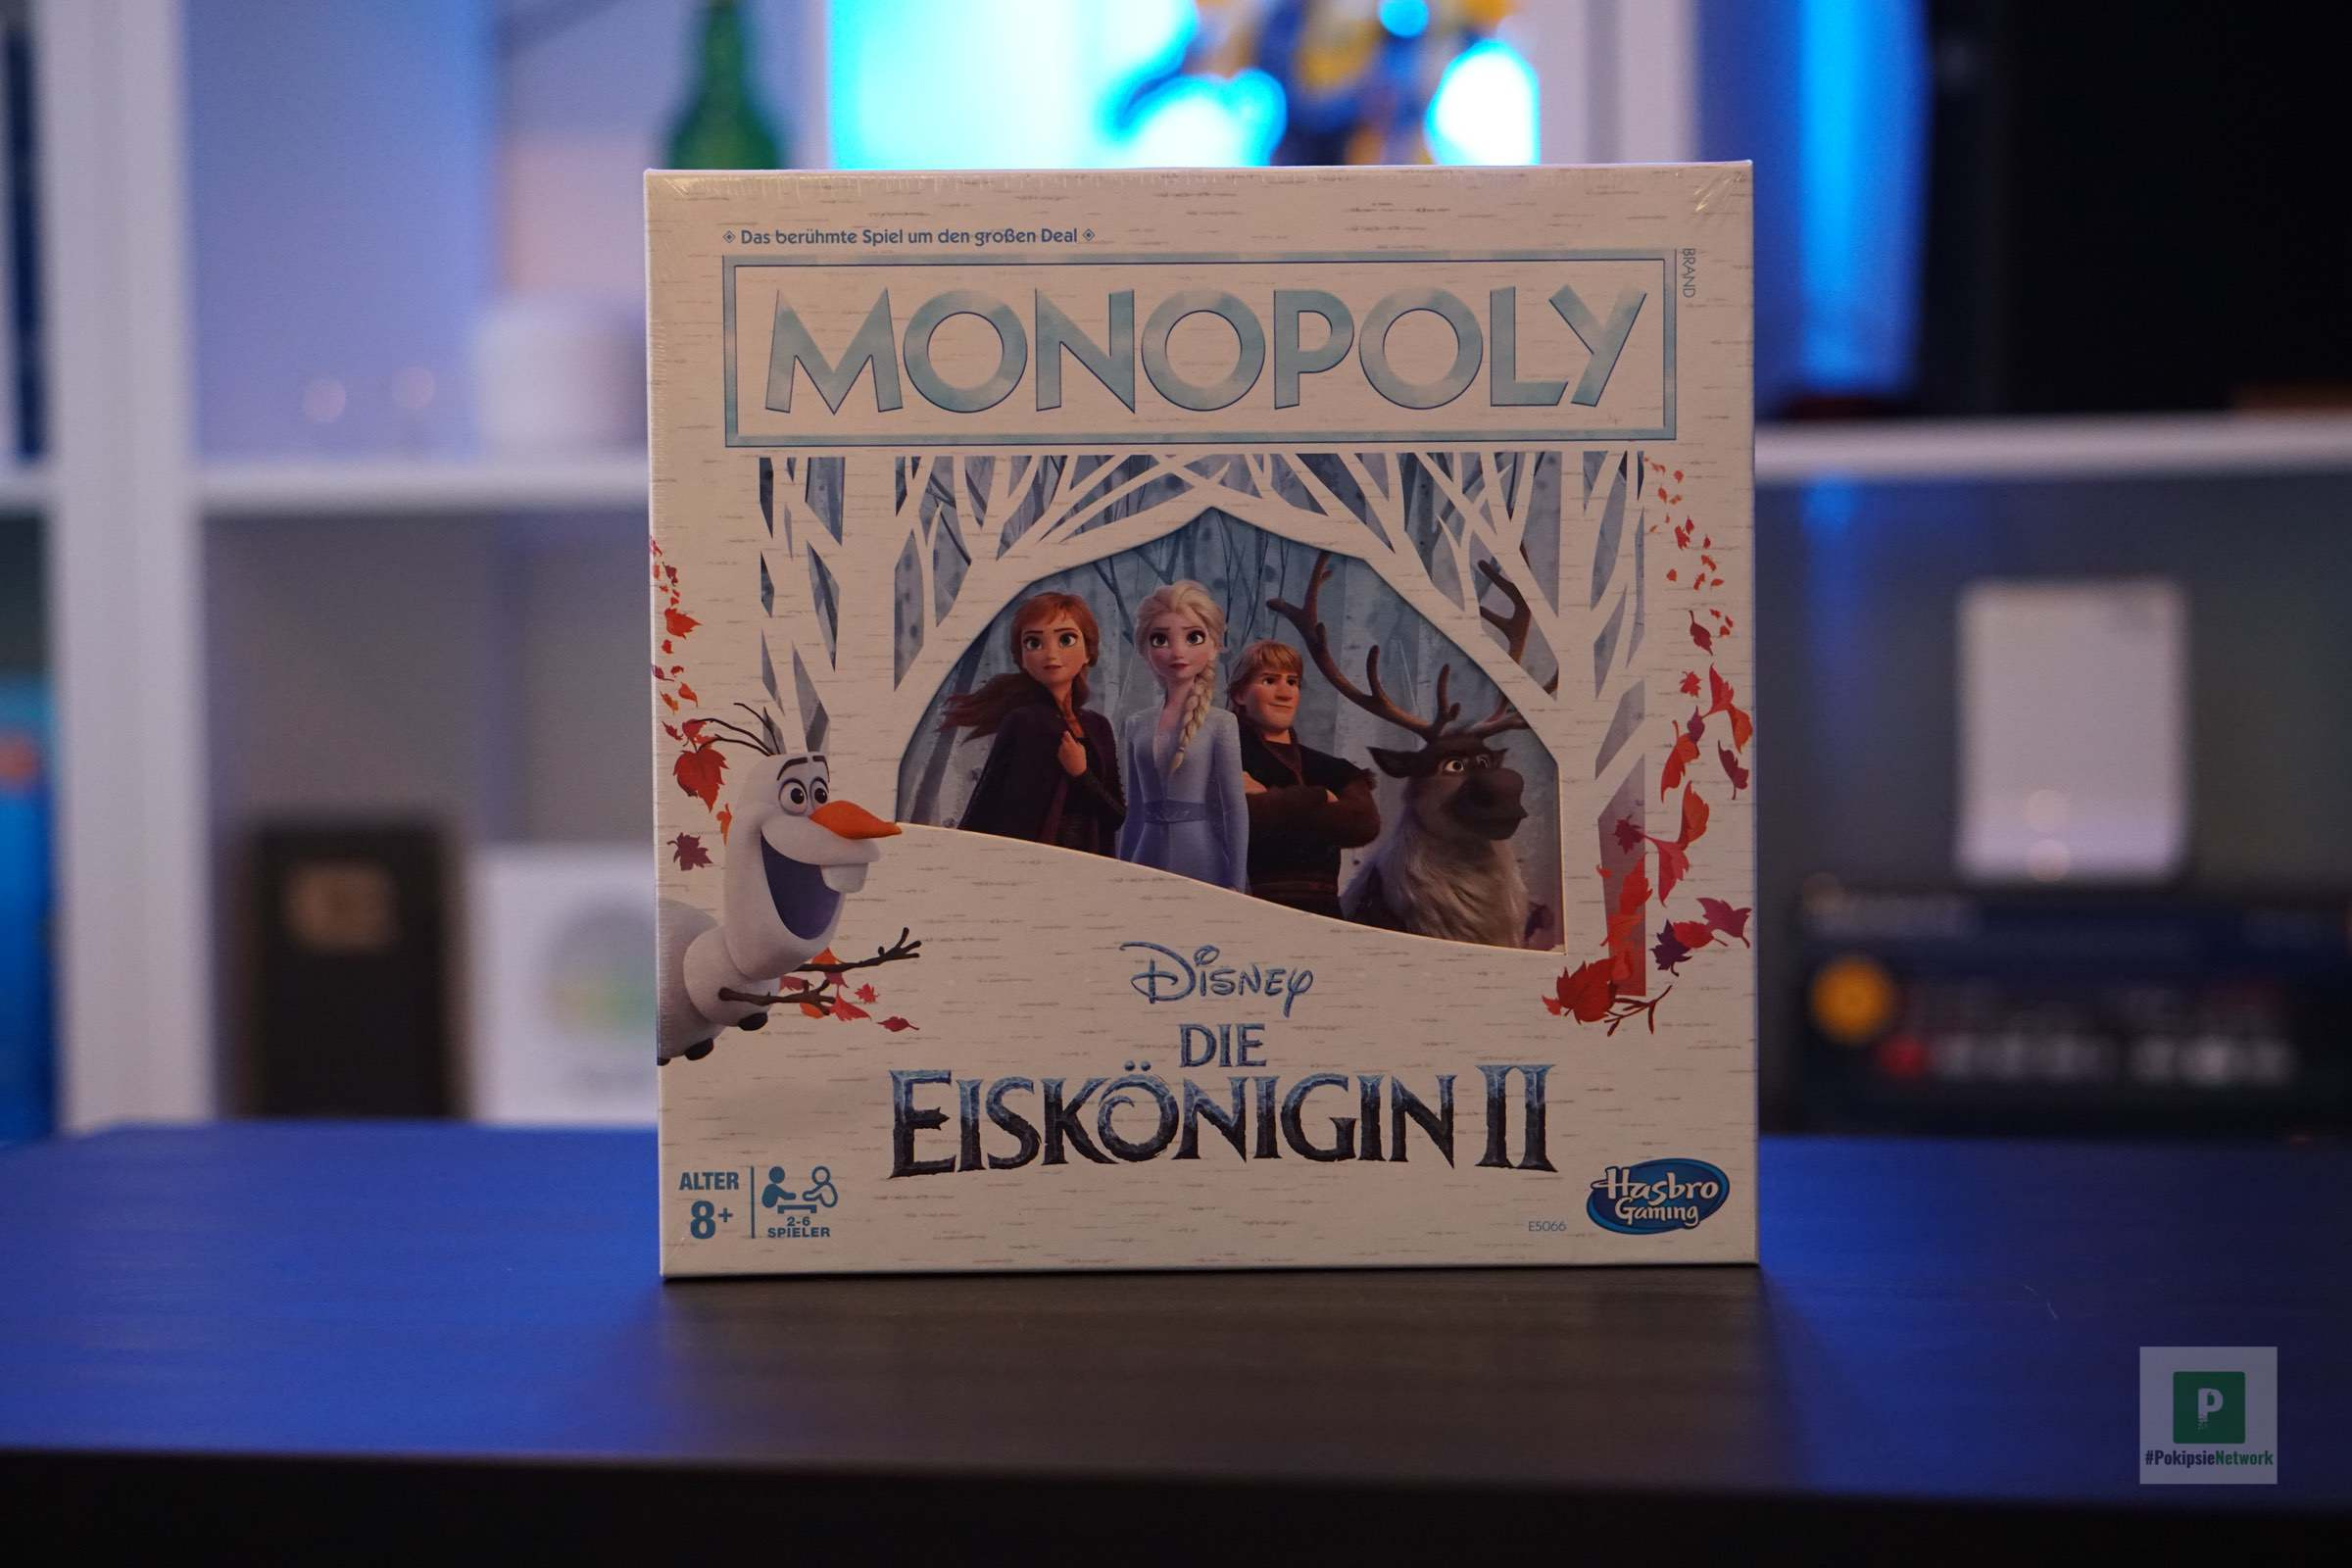 Die Eiskoenigin II - in Monopoly